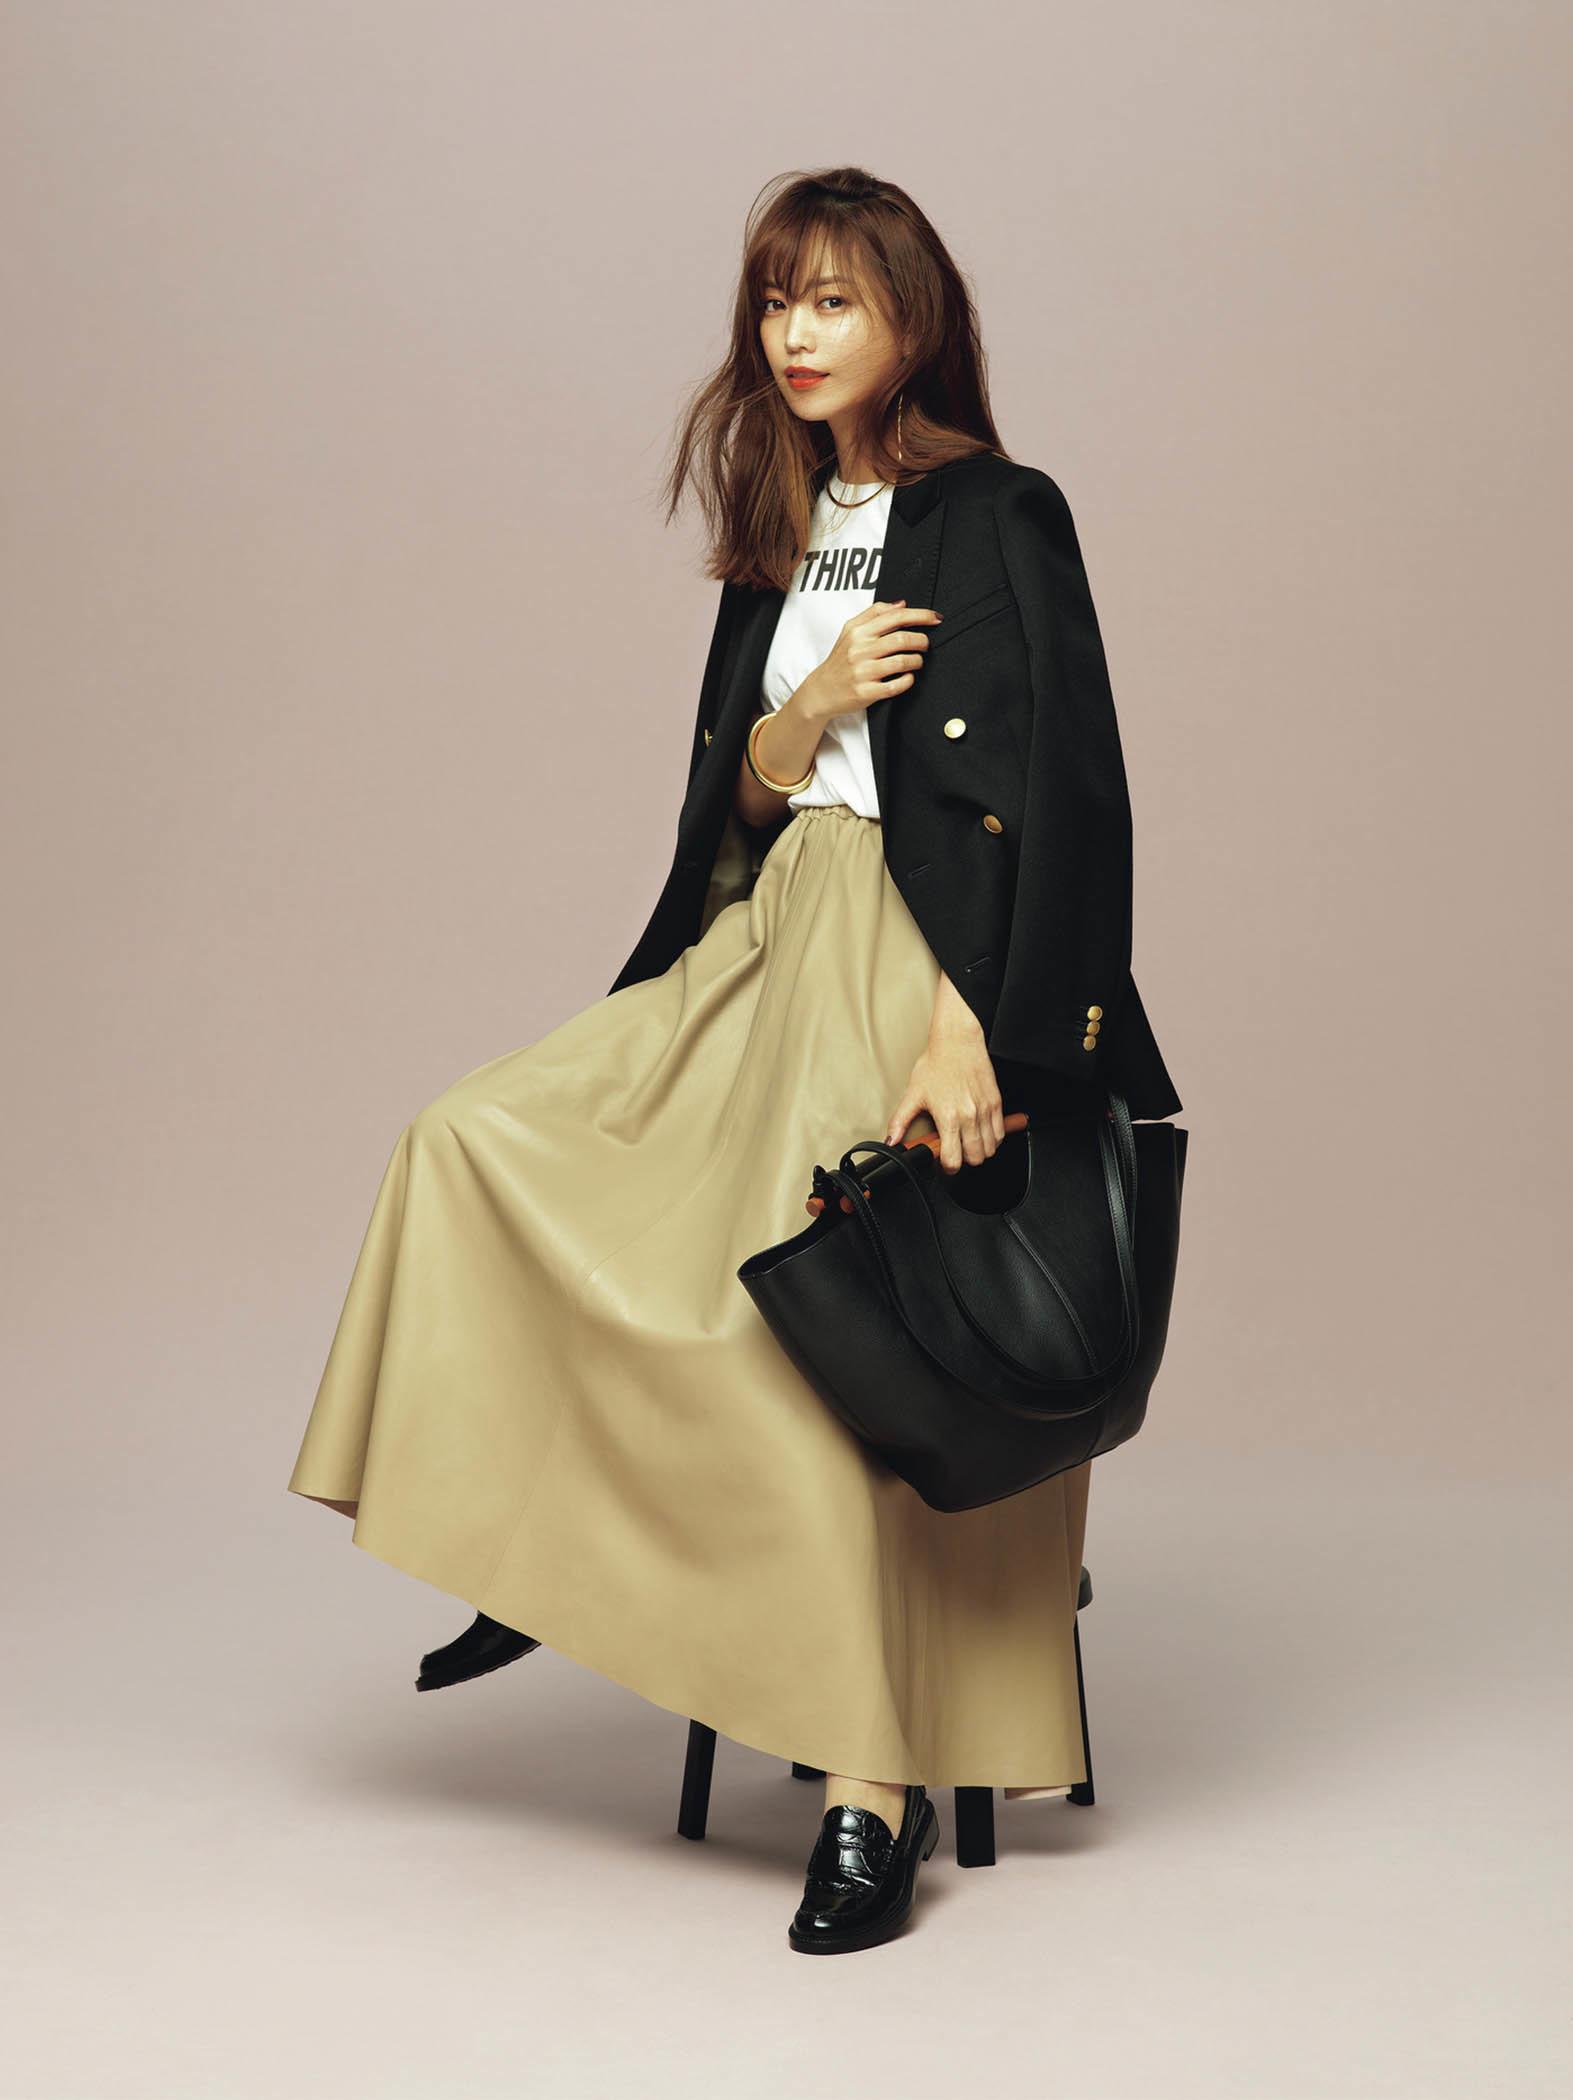 今季注目のレザースカートも、ベージュならハードすぎない。黒ジャケットでちょっとクールに。